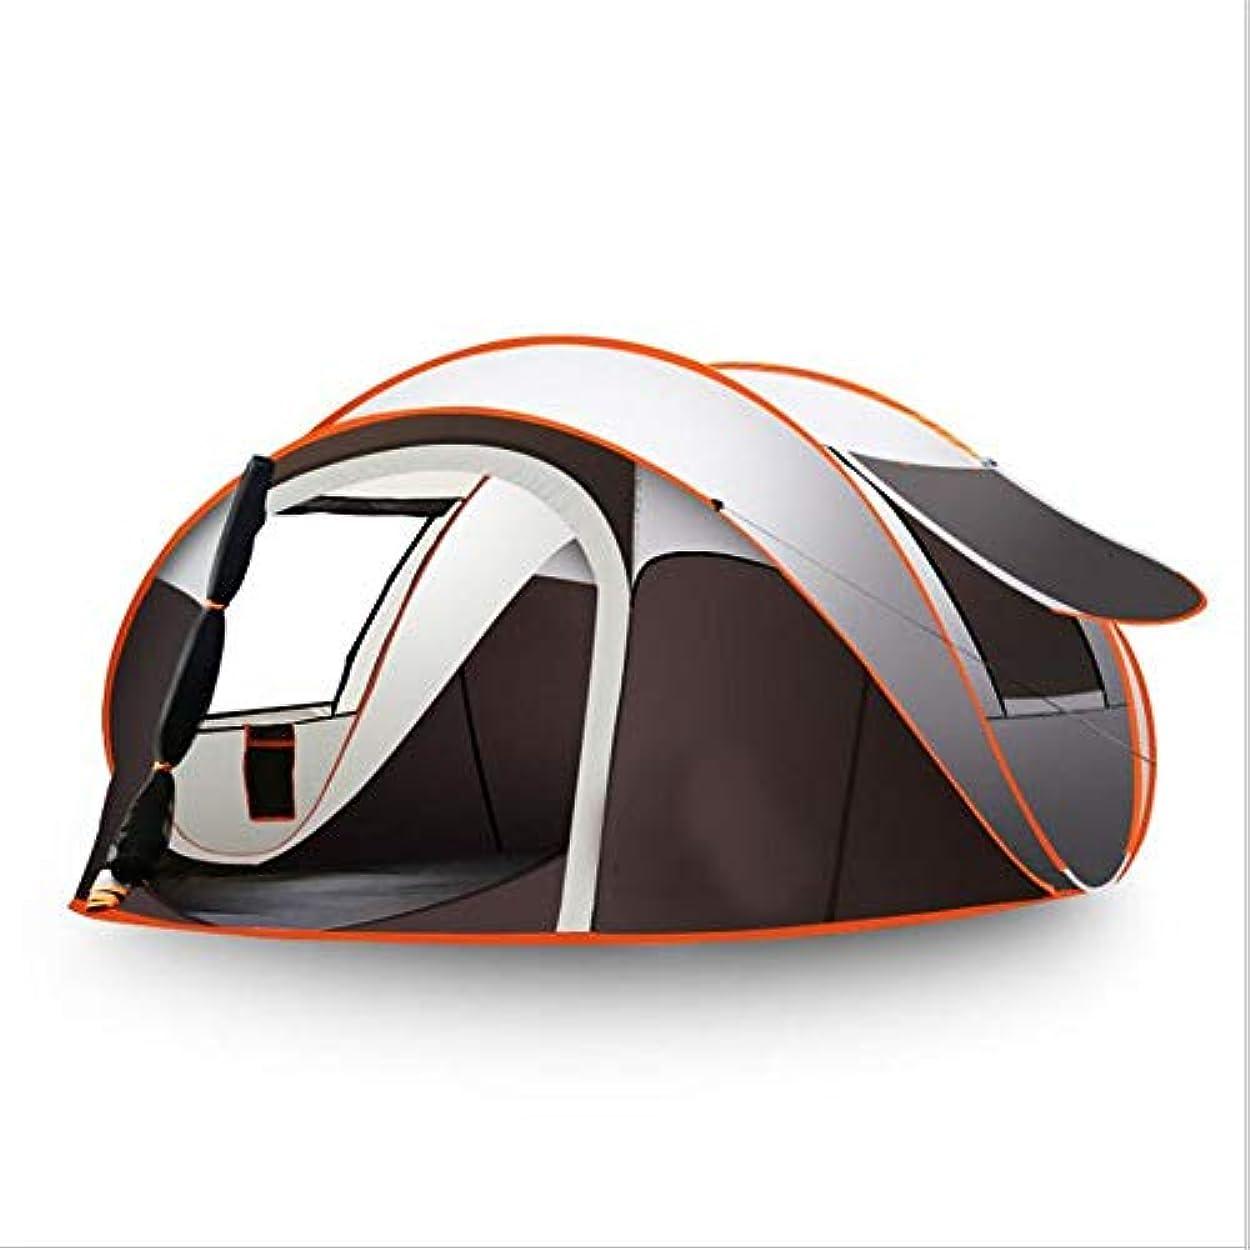 水を飲む発音するベーシック屋外の自動テント、防水ポータブルテント、ハイキング、キャンプ、ビーチ、釣りに適したキャビンバックパックポップアップテントを軽くハイキングするキャンプのビーチ。